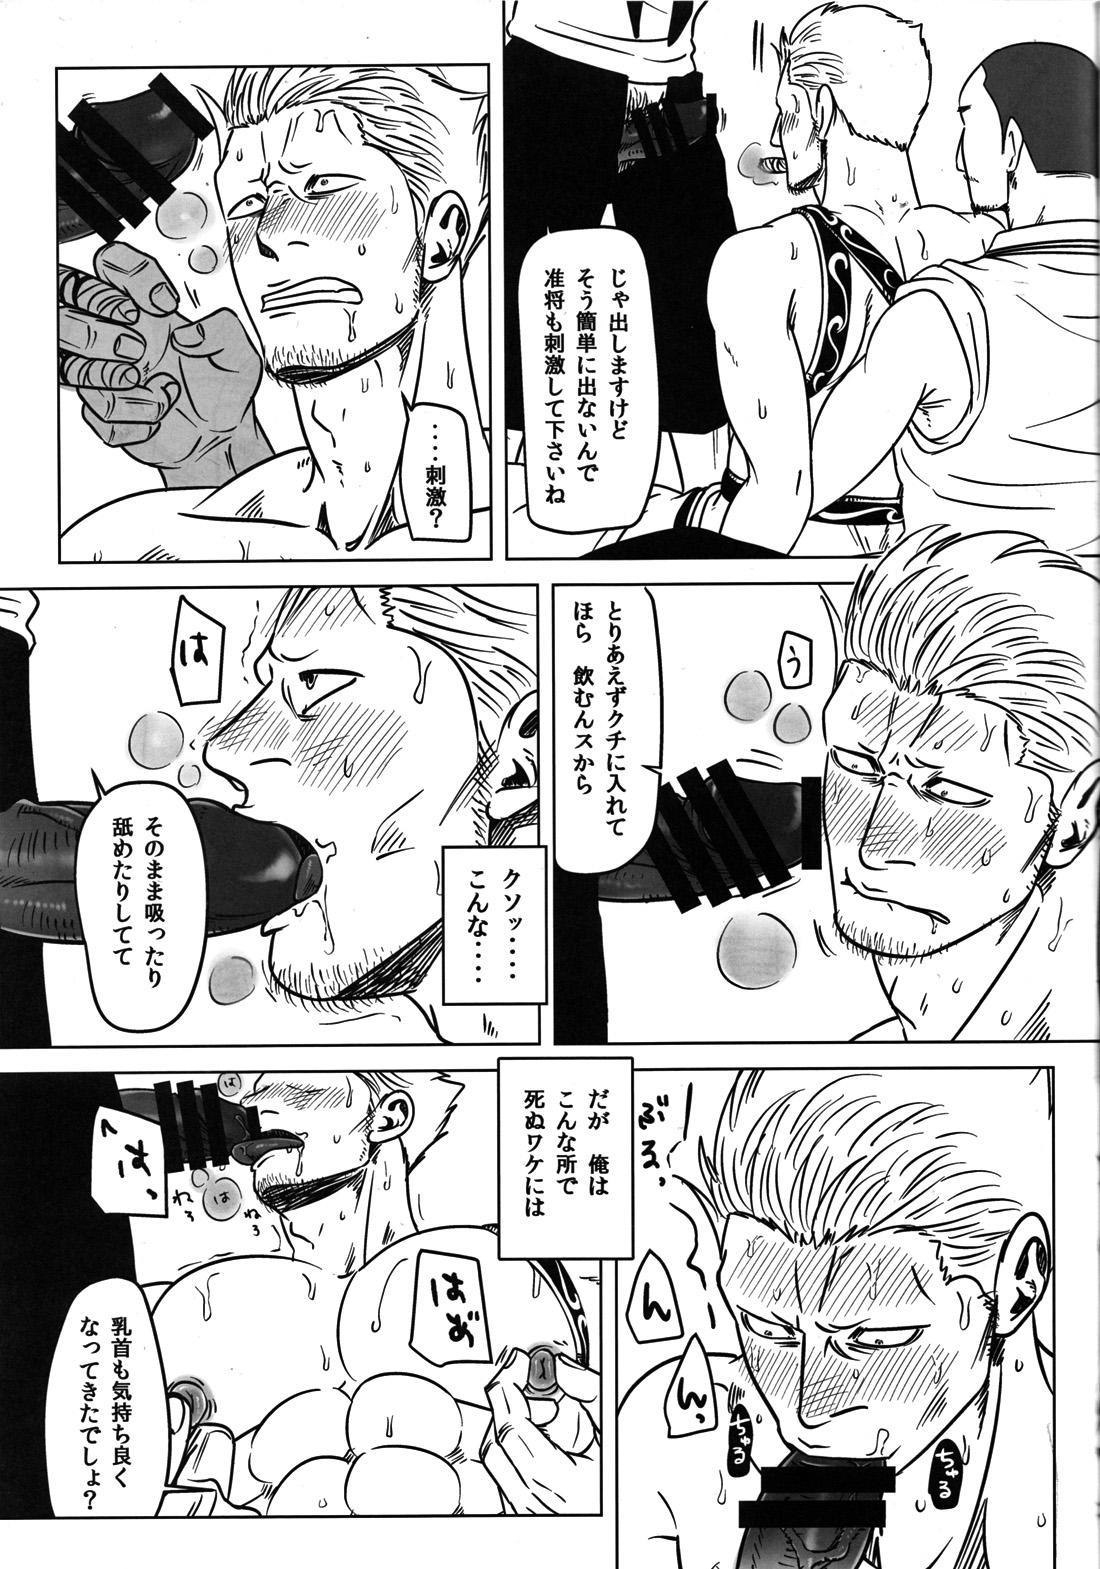 Dai B Chiku 13